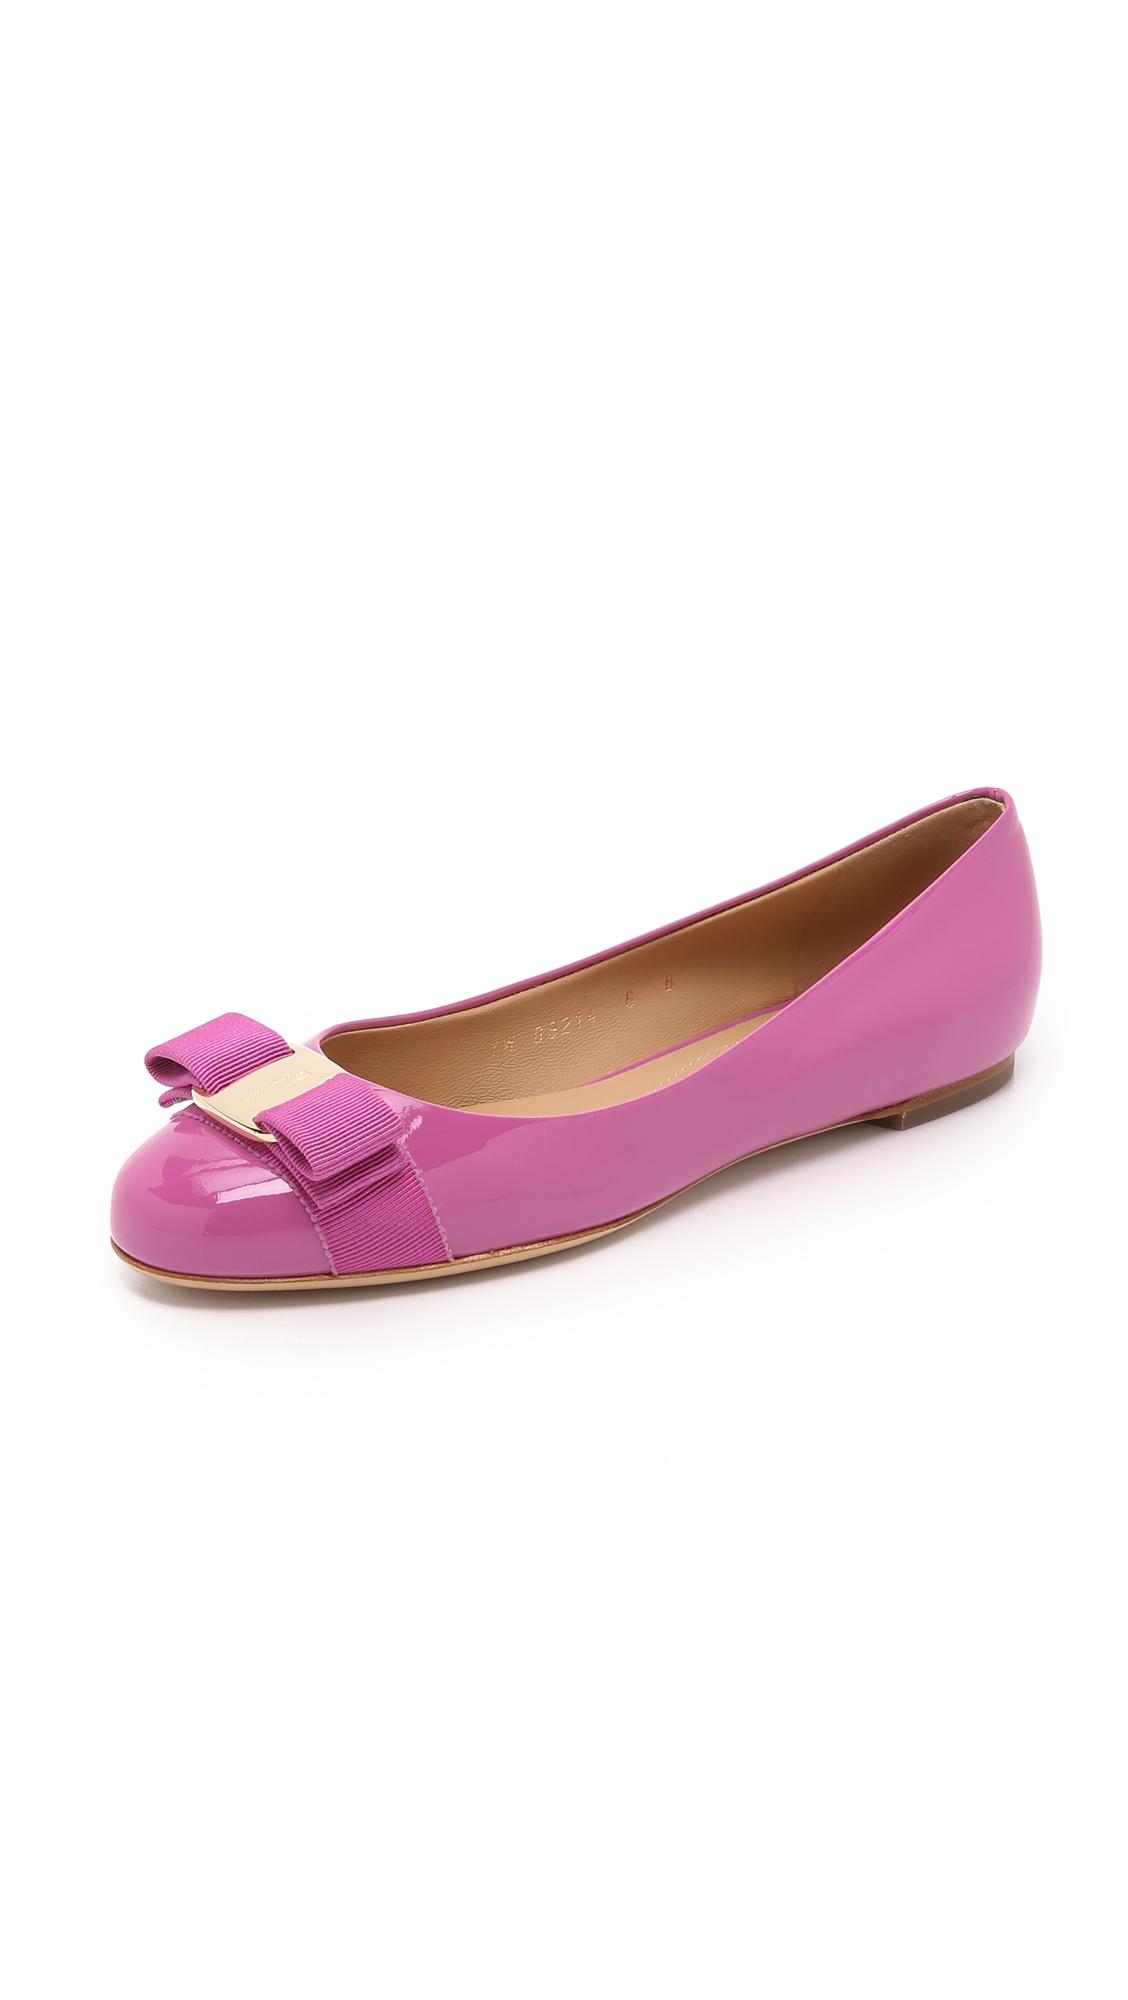 2dfd8664d917 Ferragamo Varina Flats in Purple - Lyst